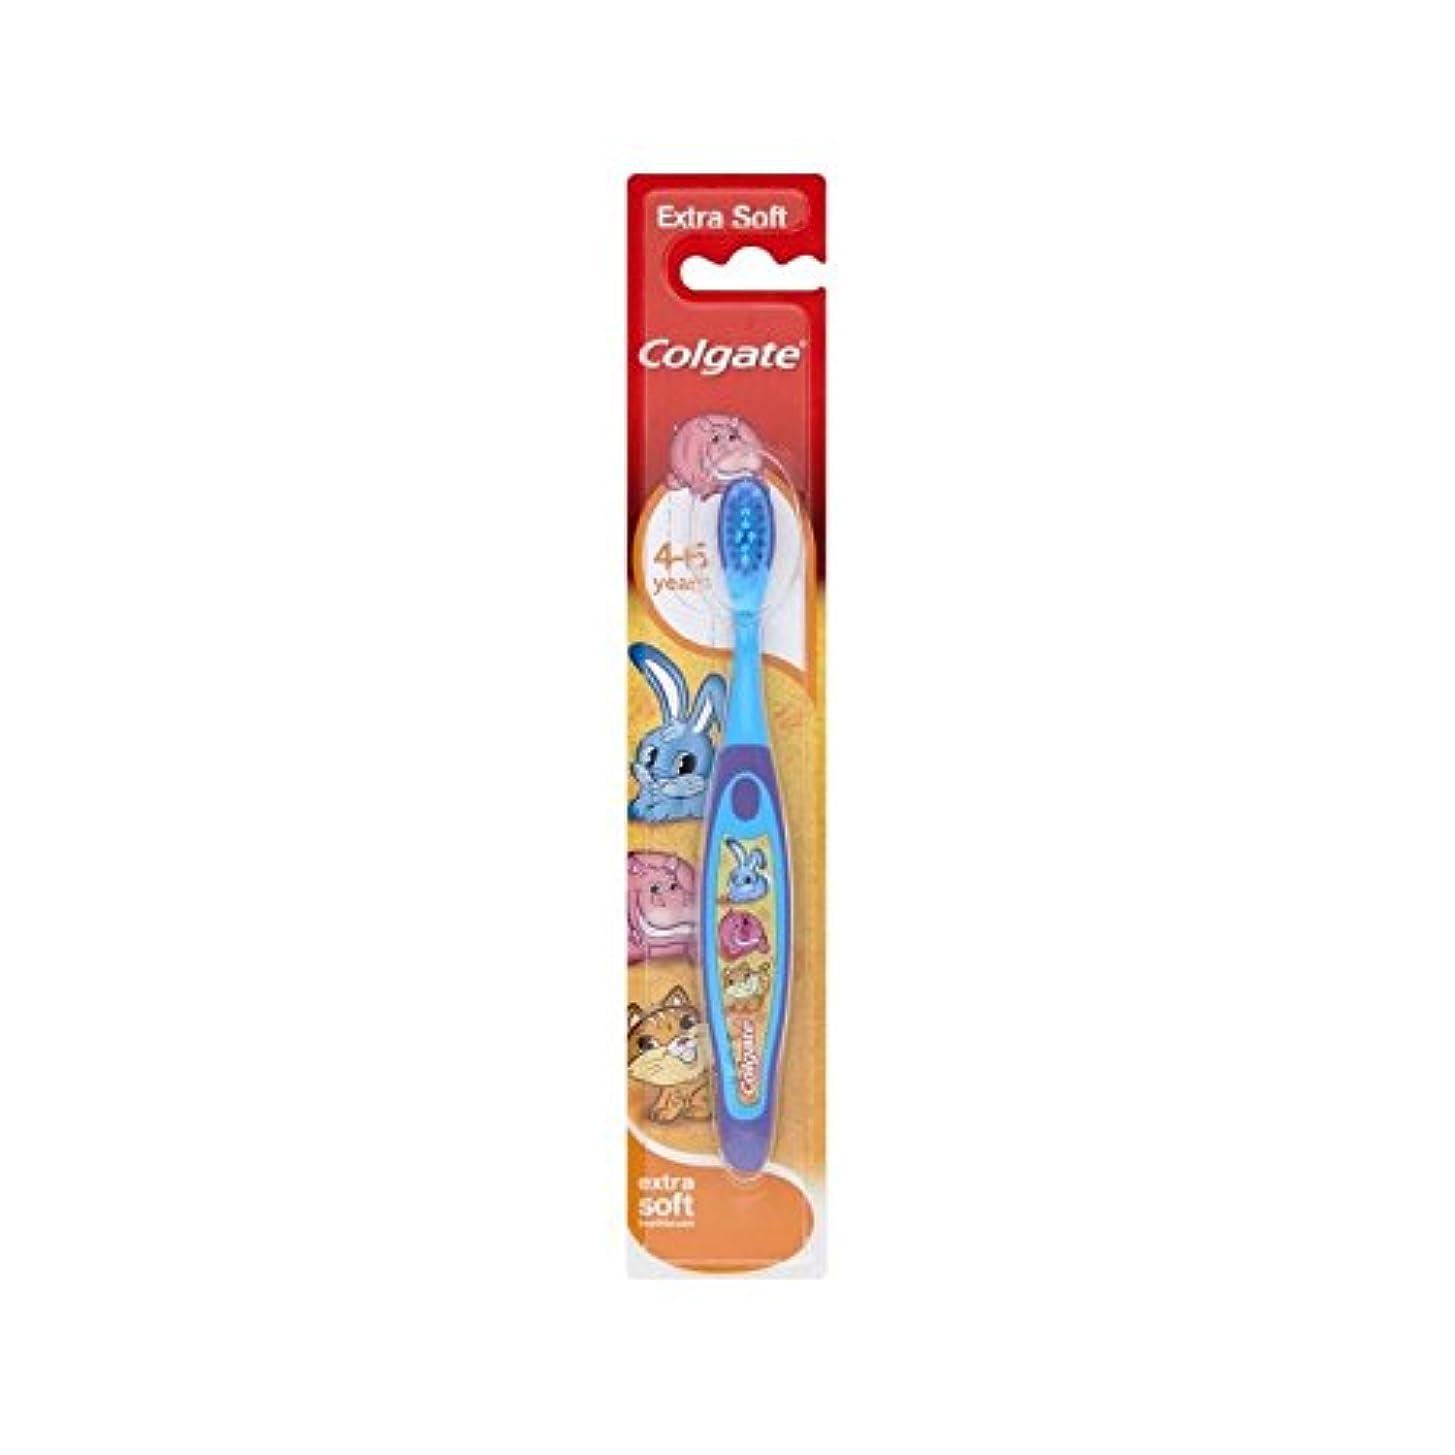 敏感な拾う分数4-6歳の歯ブラシを笑顔 (Colgate) (x 6) - Colgate Smiles 4-6 Years Old Toothbrush (Pack of 6) [並行輸入品]